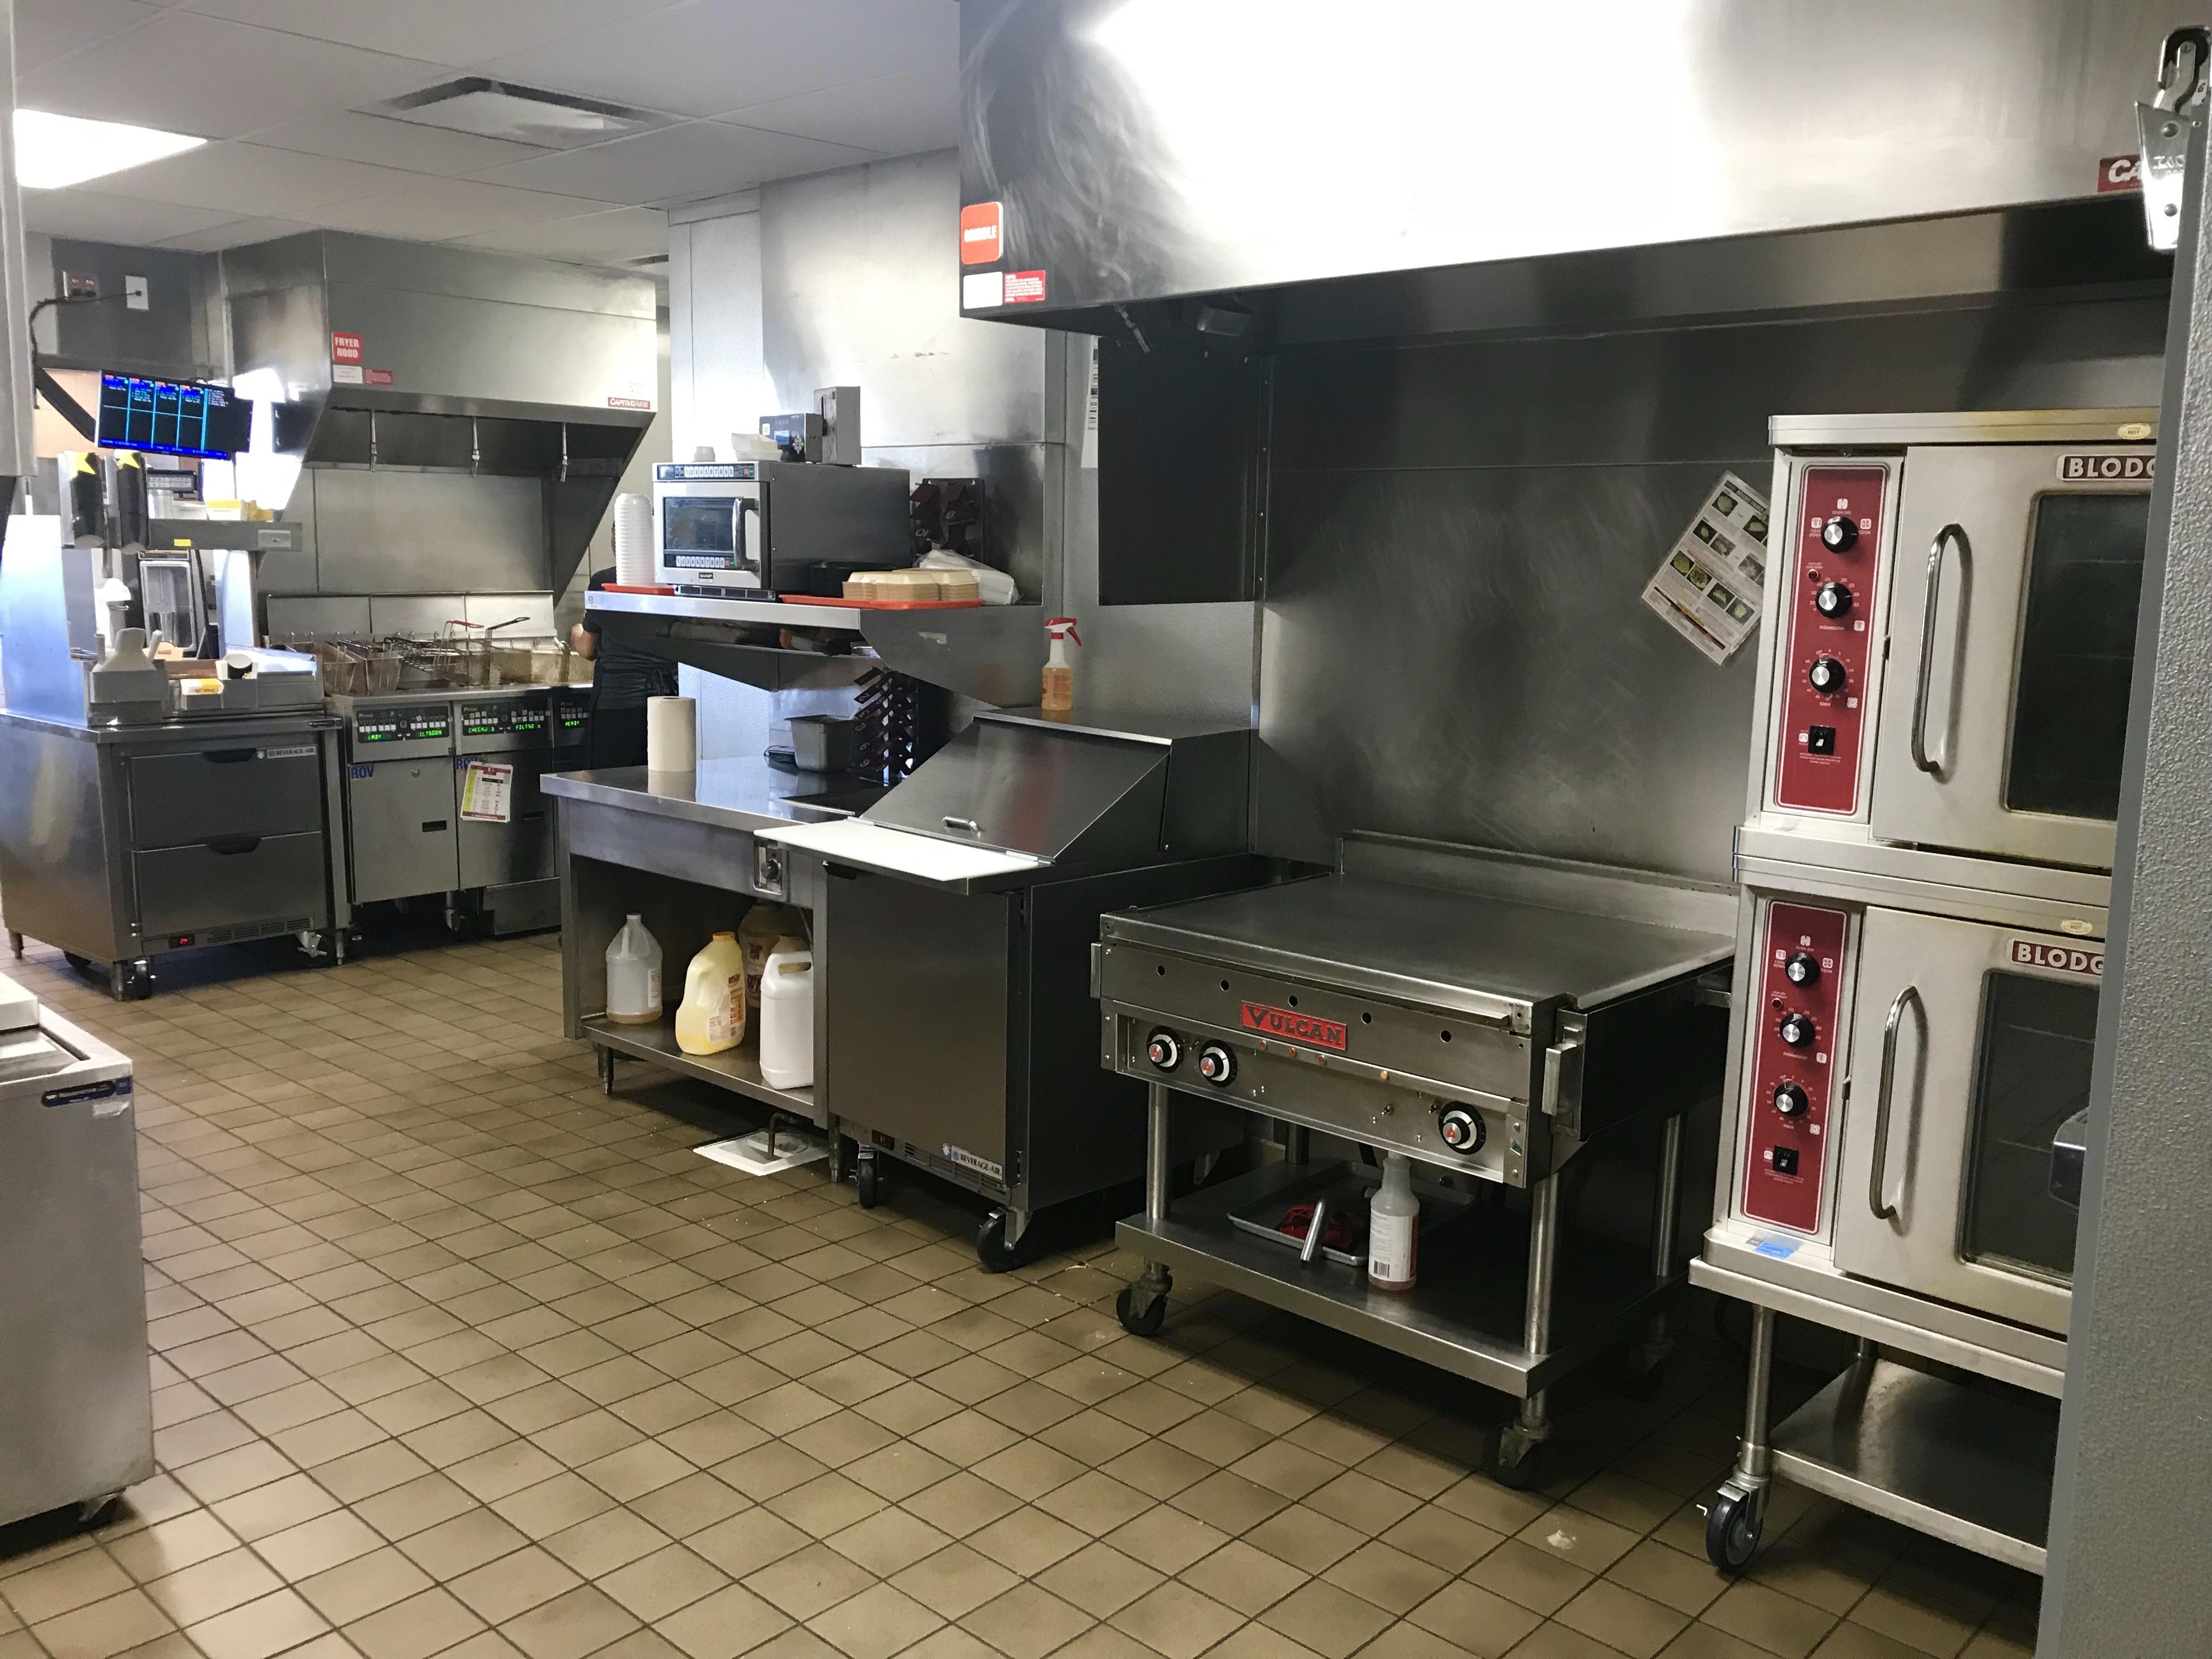 Carl's Jr. Kitchen